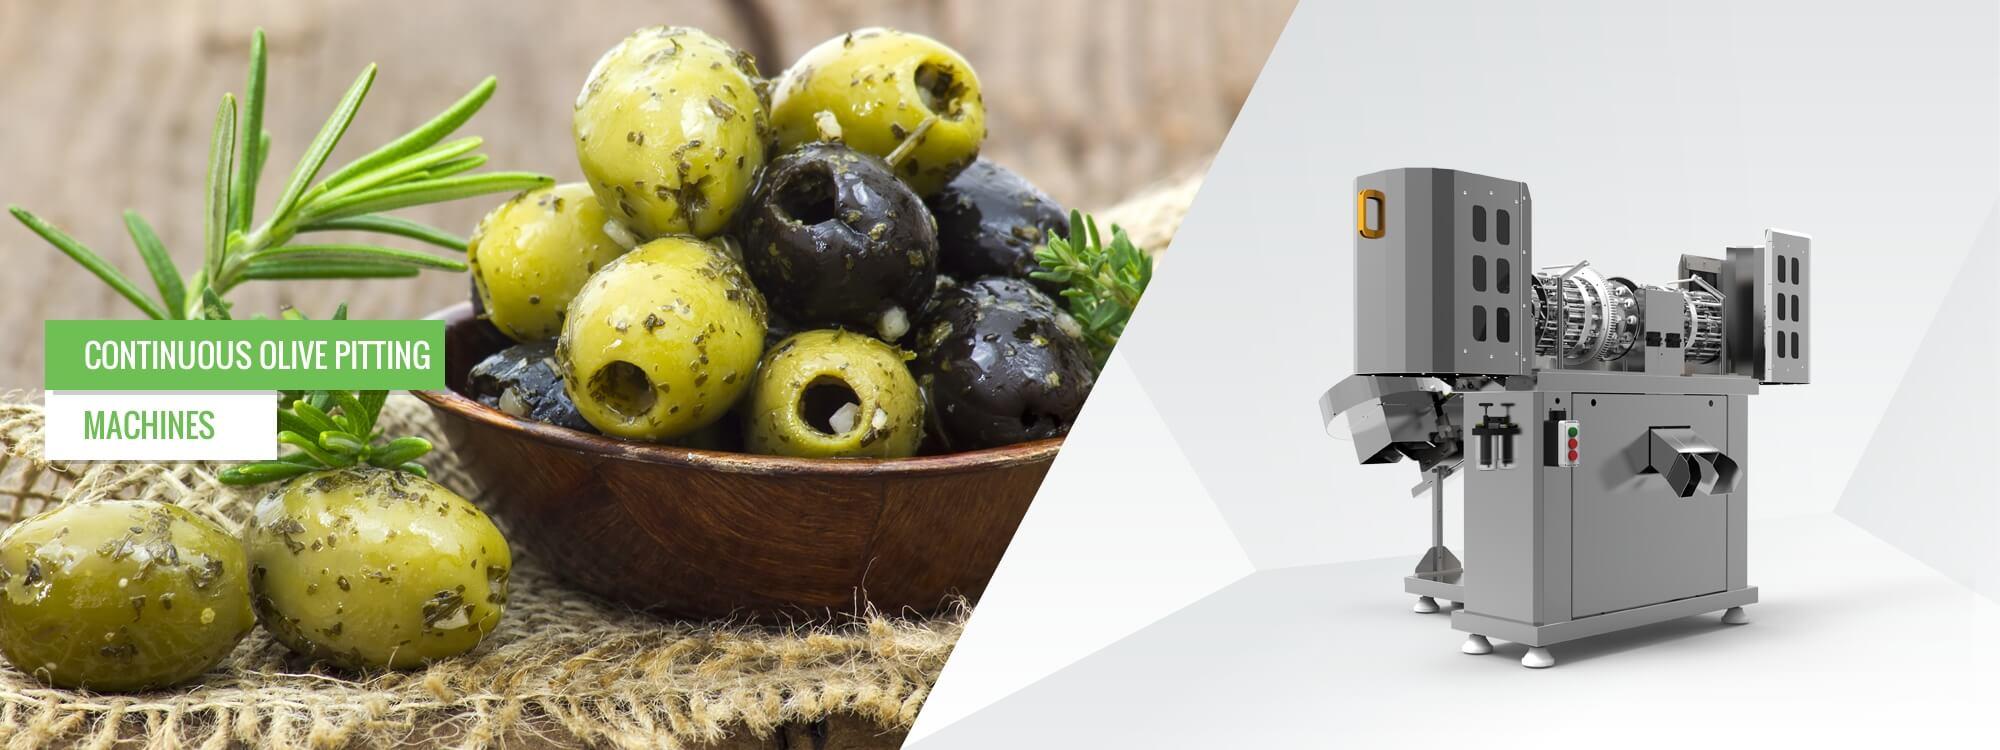 Zeytin Çekirdeği Çıkarma Makinaları En